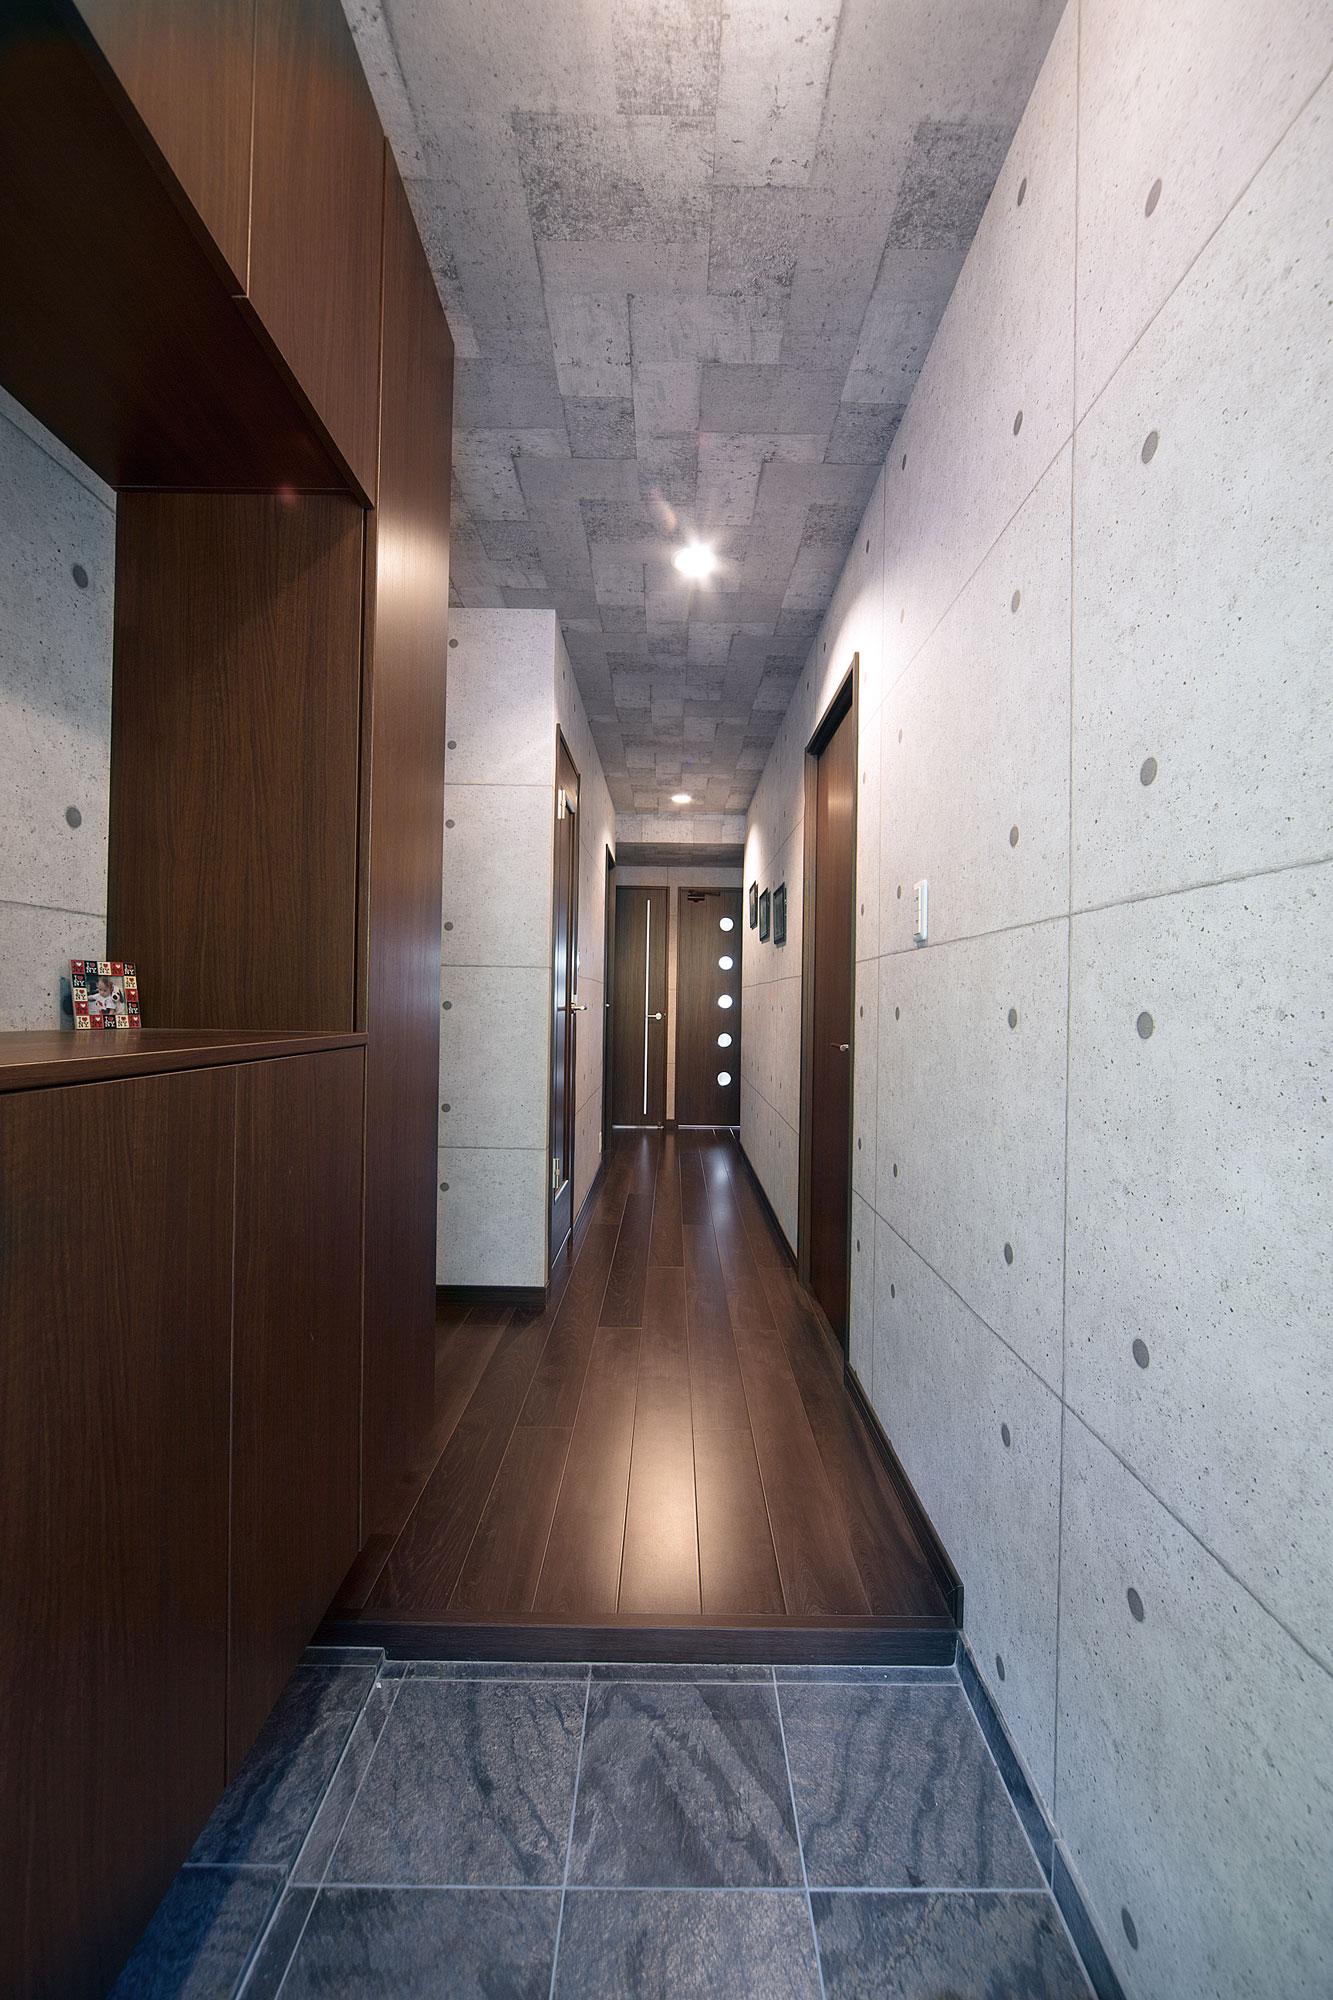 玄関からLDK、それぞれの居室、水廻りへつながるギャラリー空間のような直線廊下。